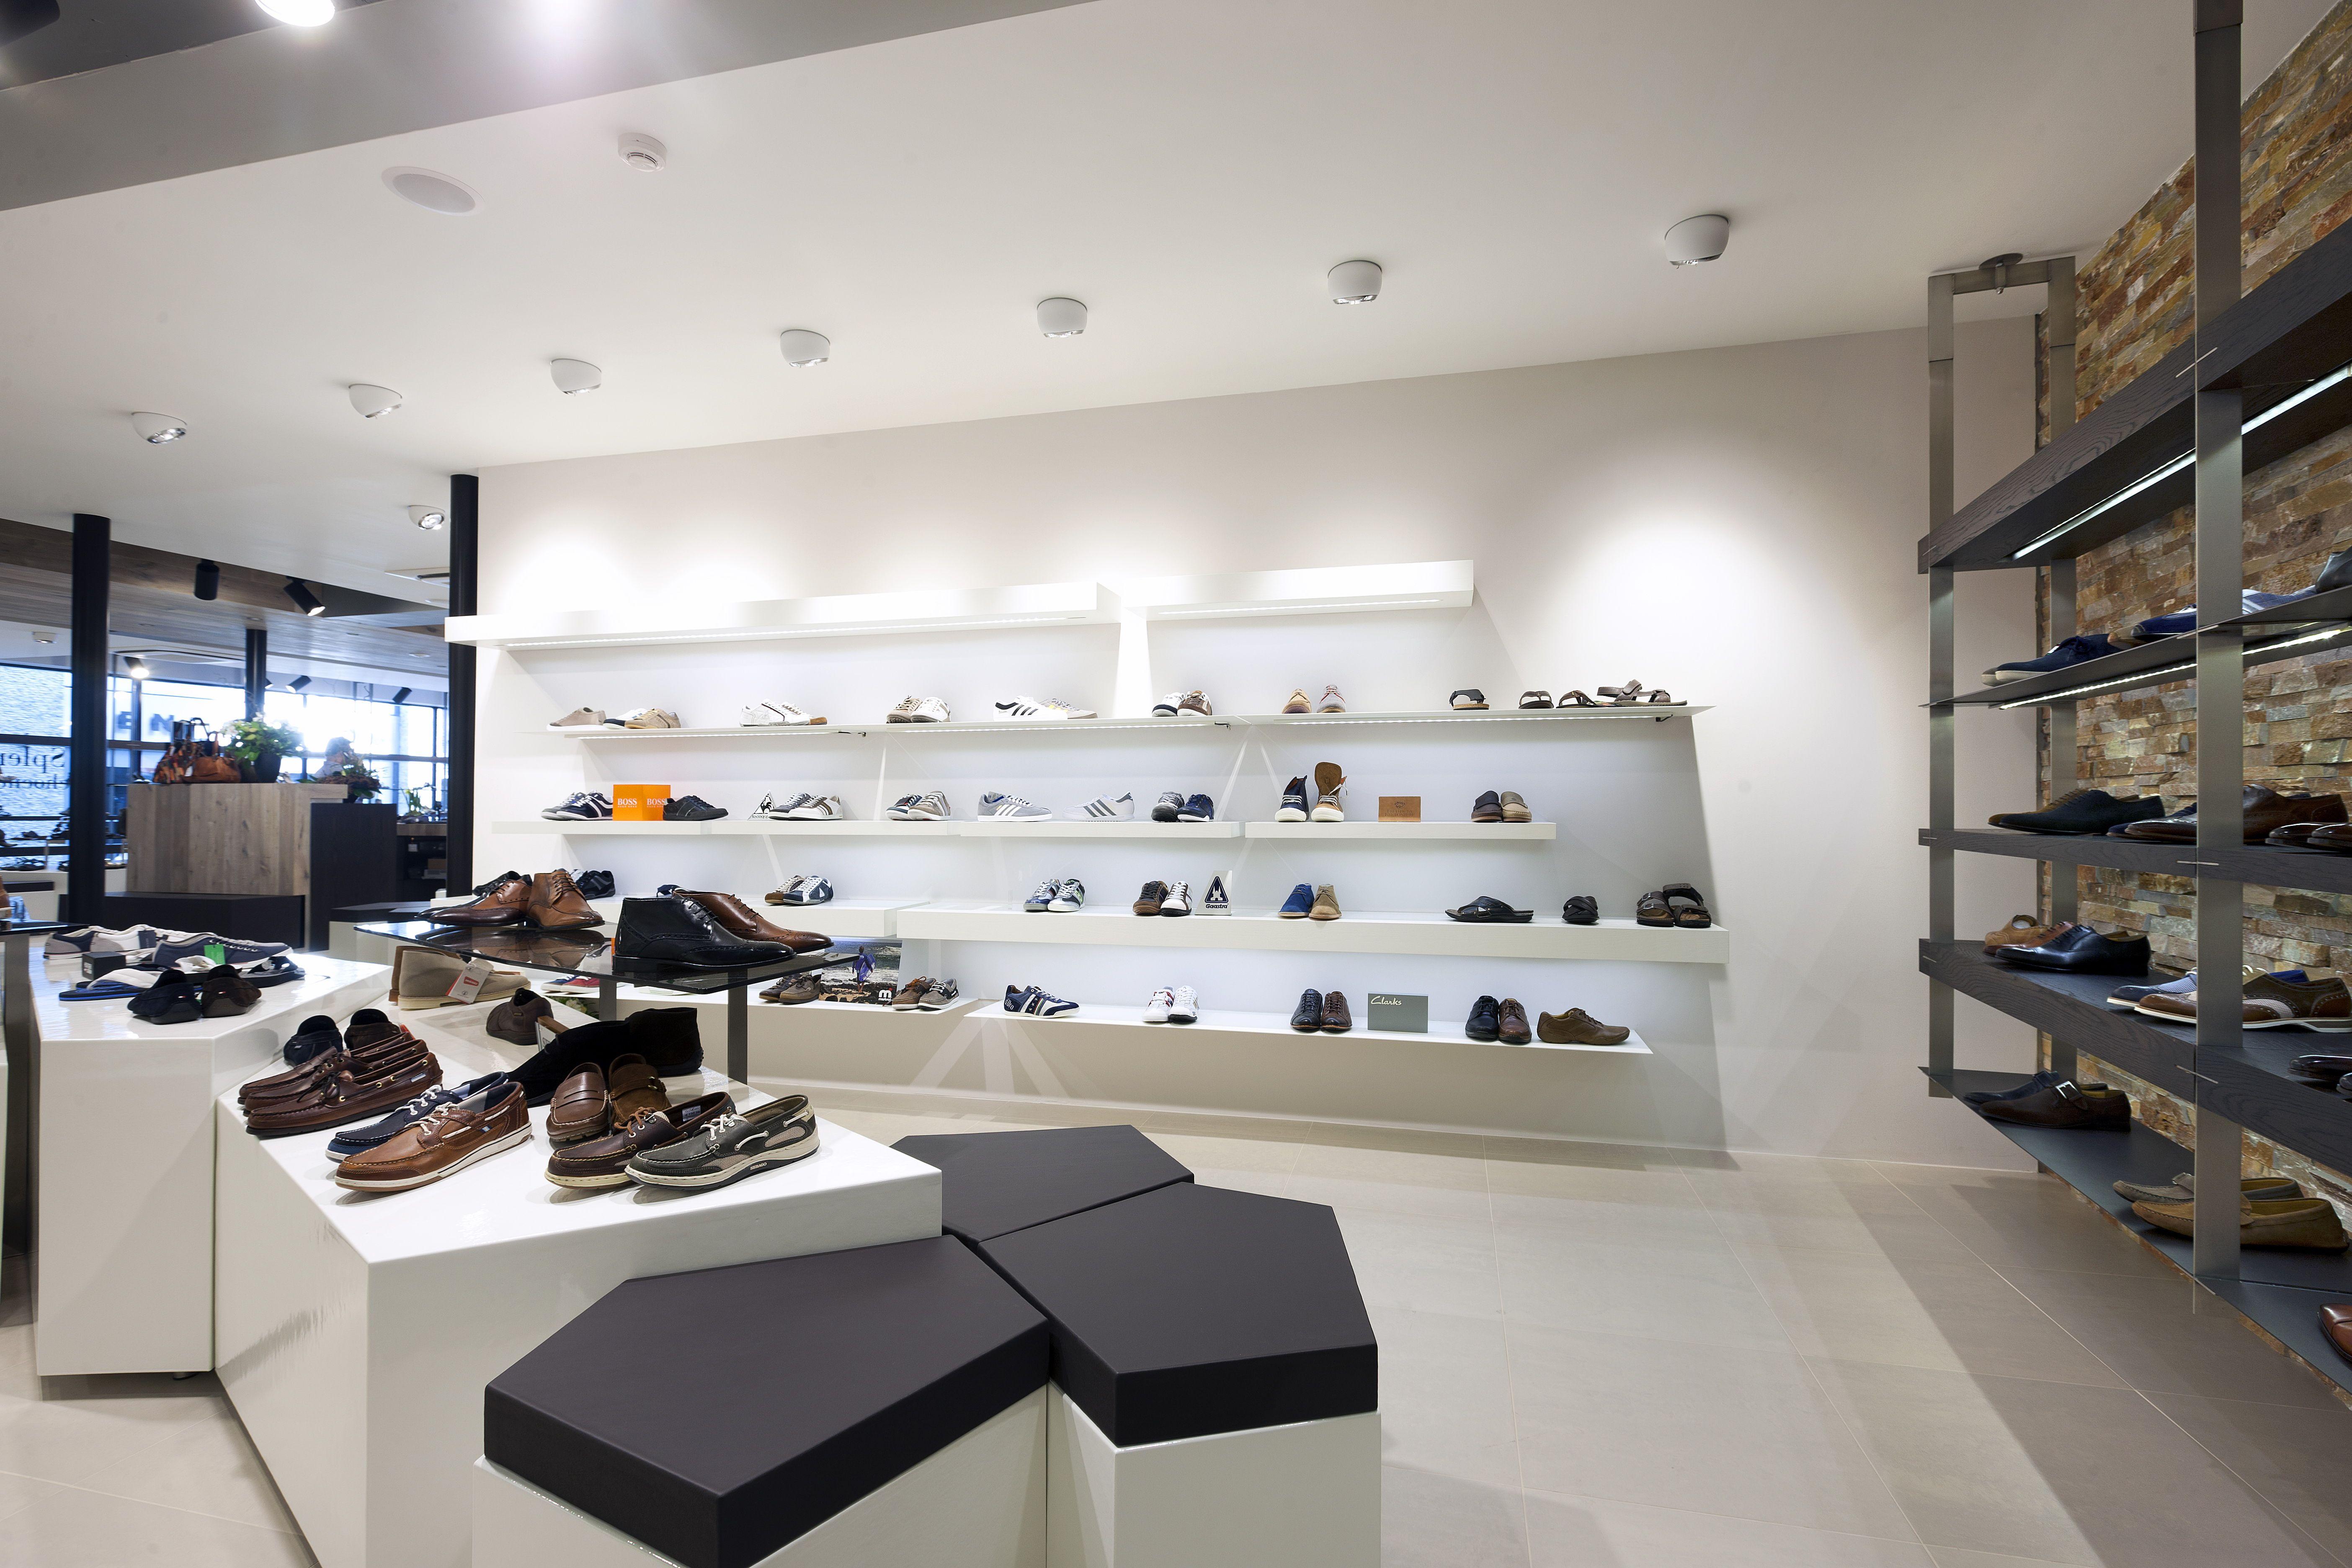 Обувных отделов премиум класса фото